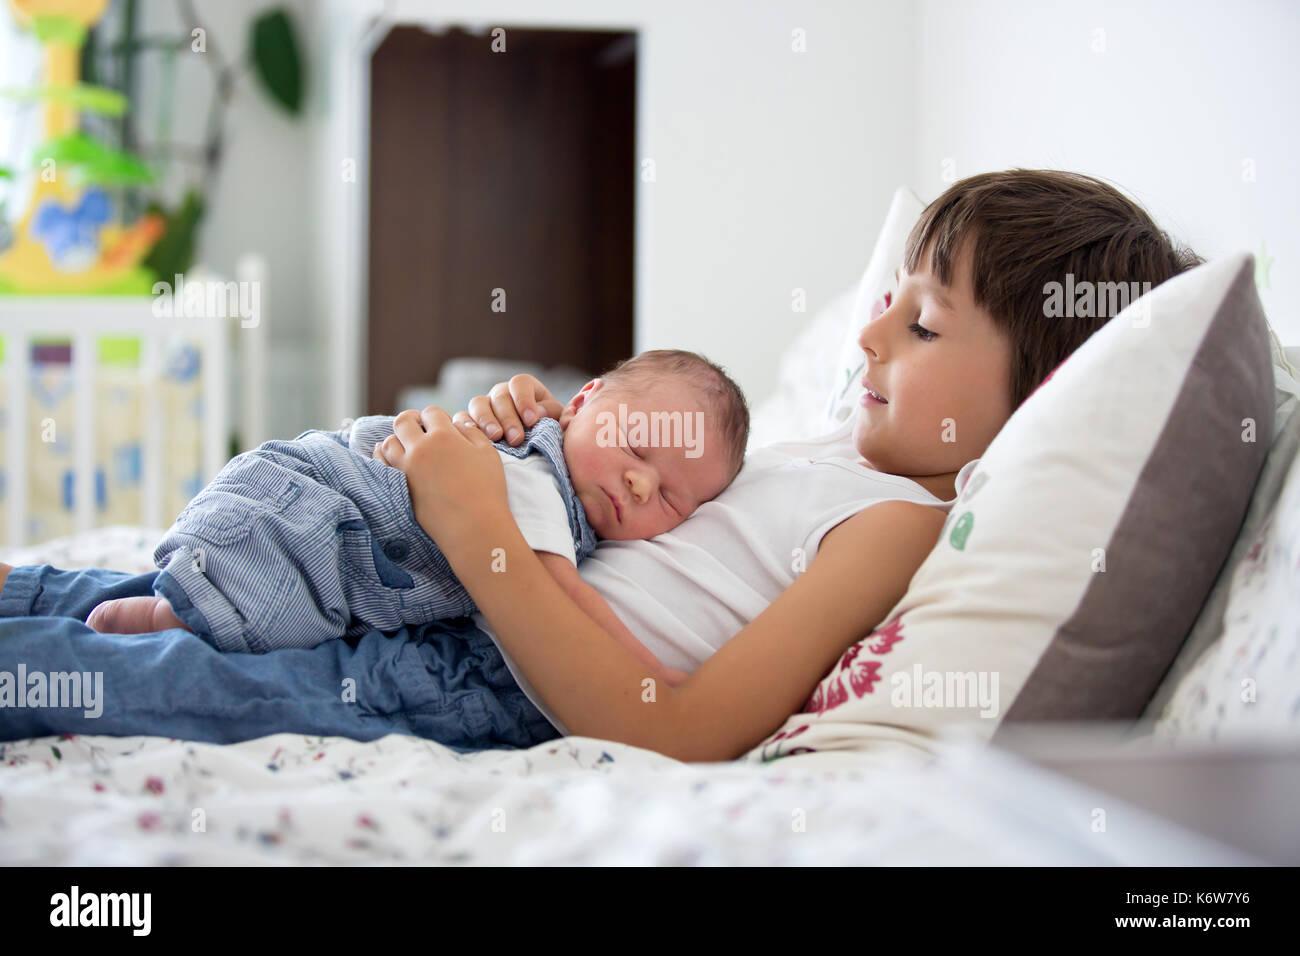 Hermoso muchacho, abrazando con ternura y el cuidado de su bebé recién nacido hermano en casa. La familia felicidad amor concepto Imagen De Stock